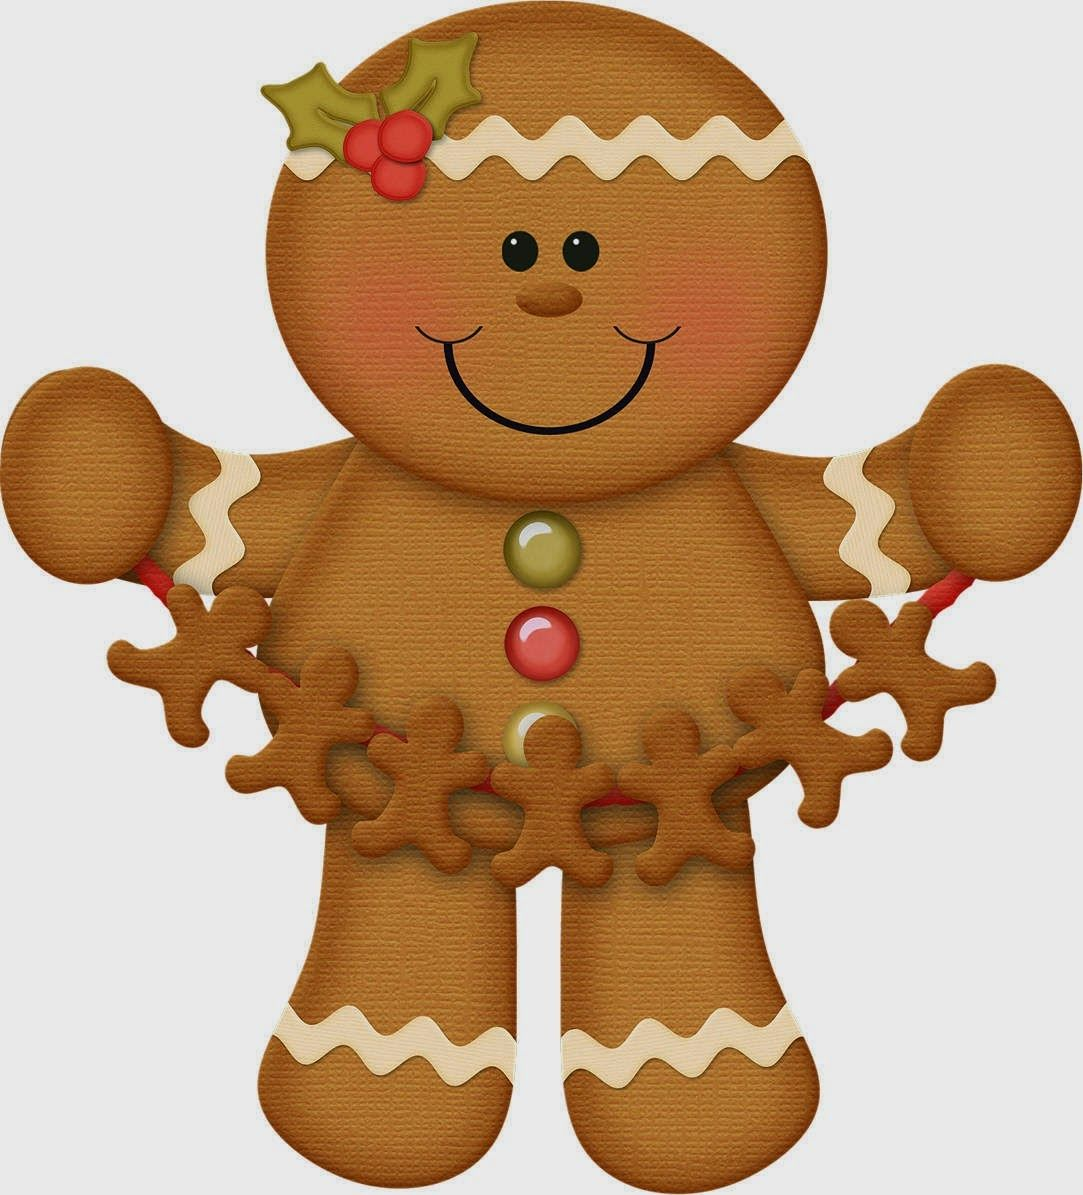 Mi Baul De Cosas Bonitas Imagenes Galletas De Jengibre Galletas De Gengibre Navidad Imagenes De Feliz Navidad Munecos De Gengibre